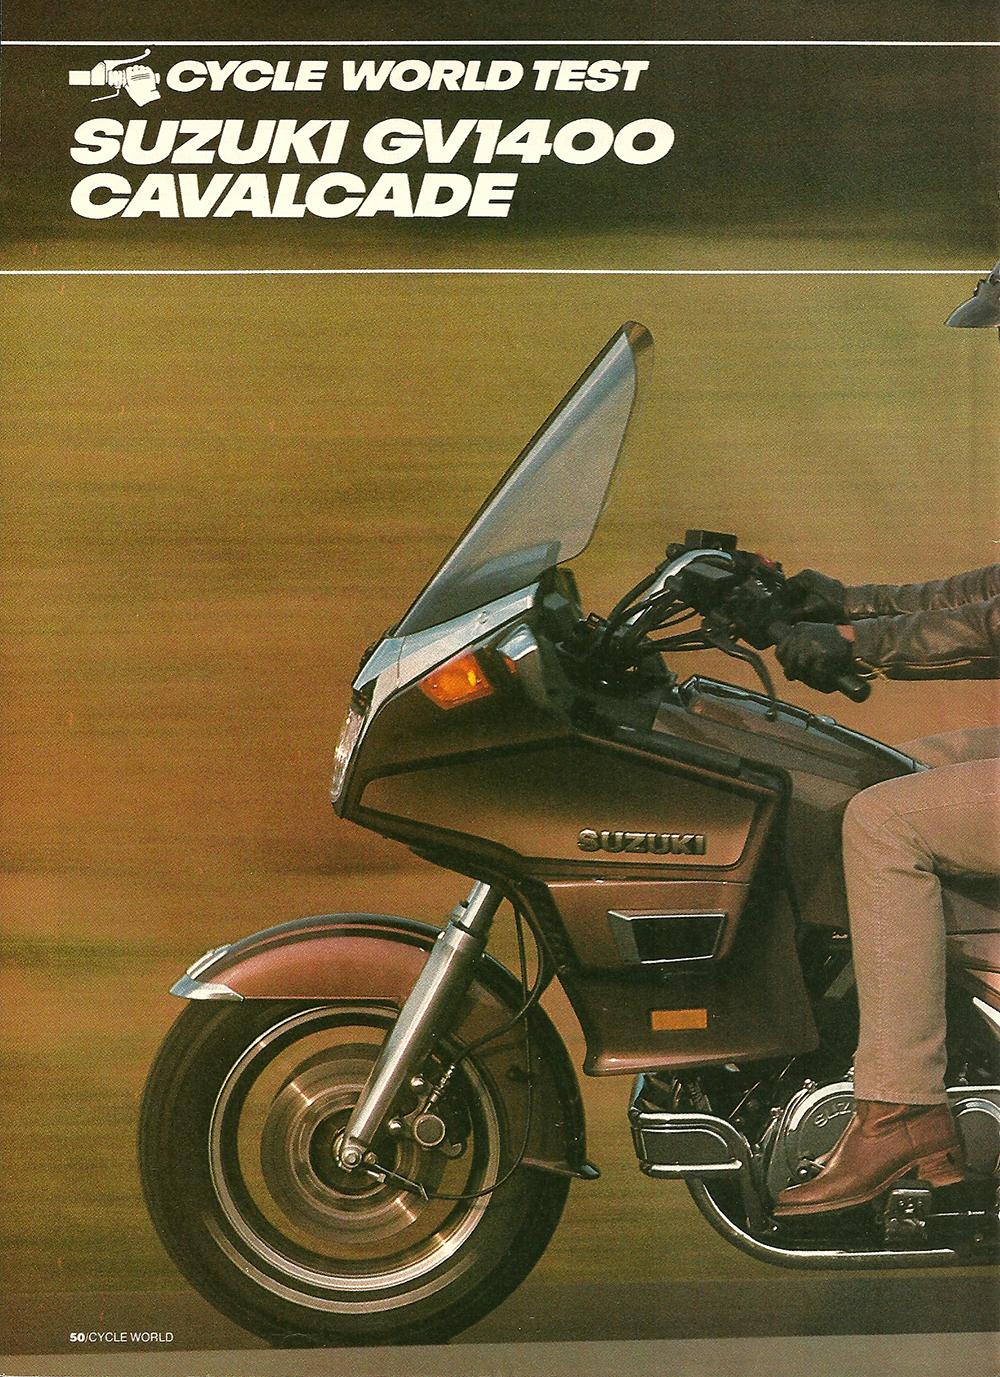 1985 Suzuki GV1400 Cavalcade road test 01.jpg